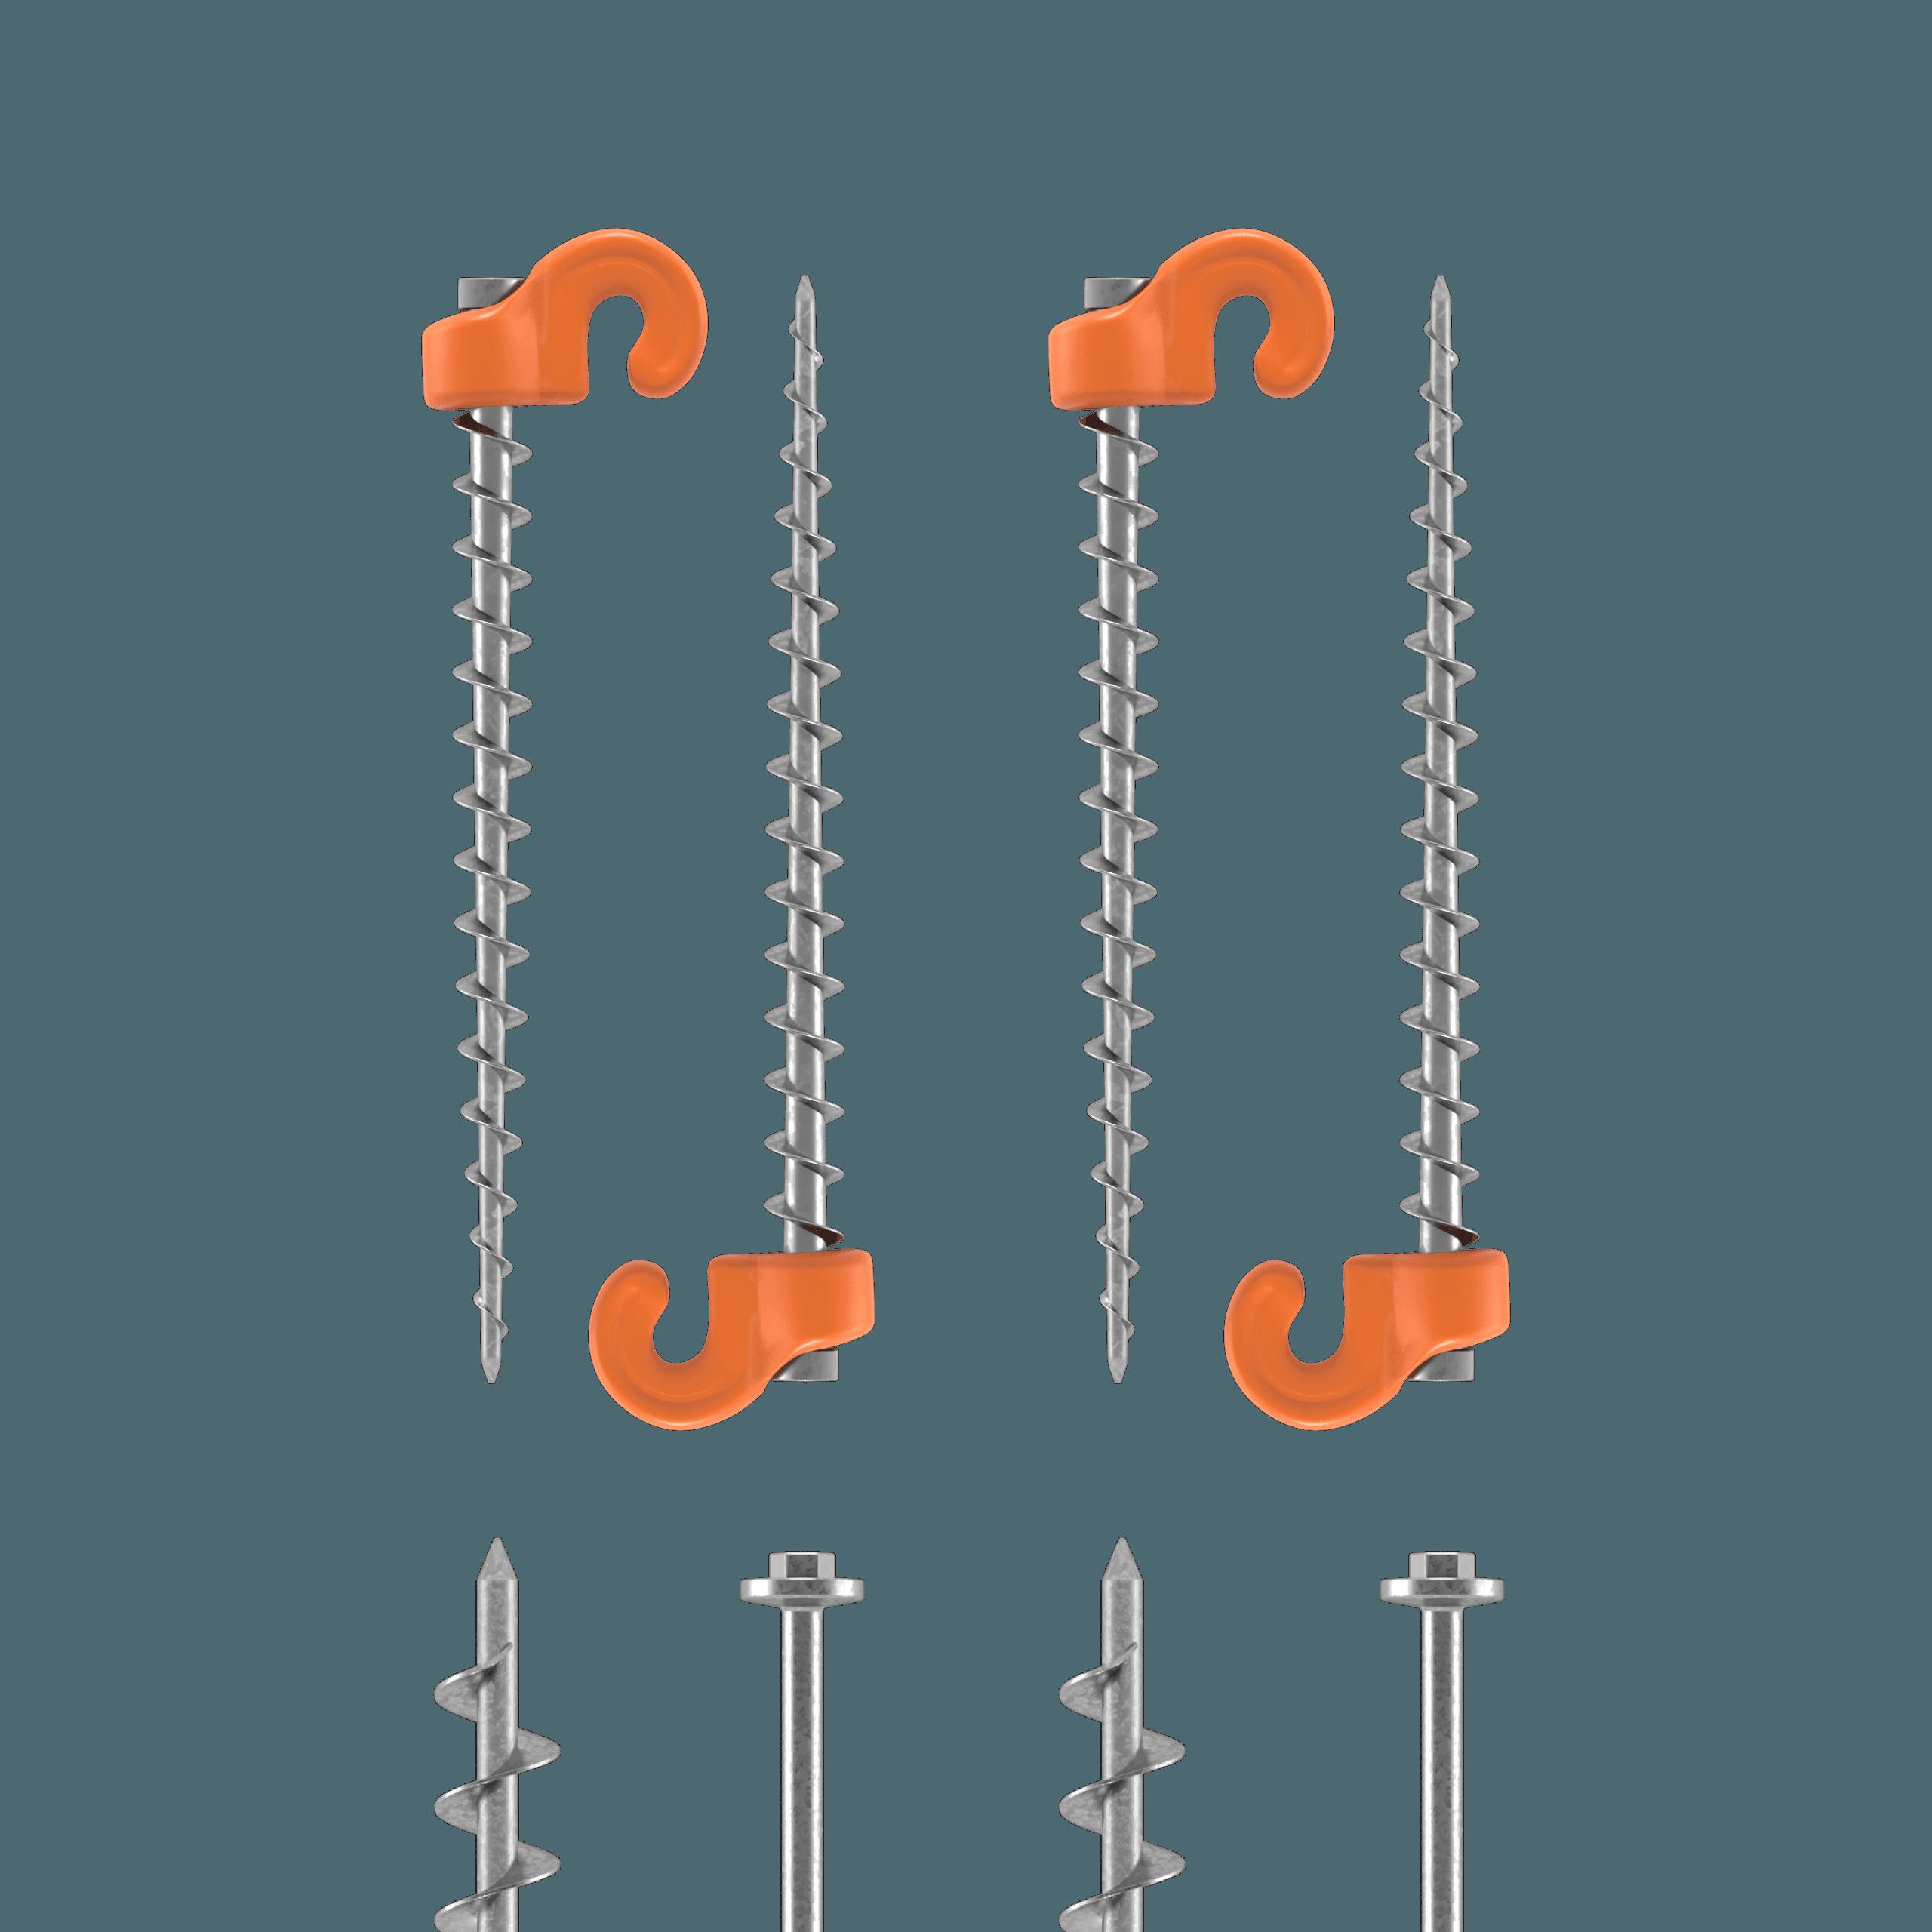 Field kit screws